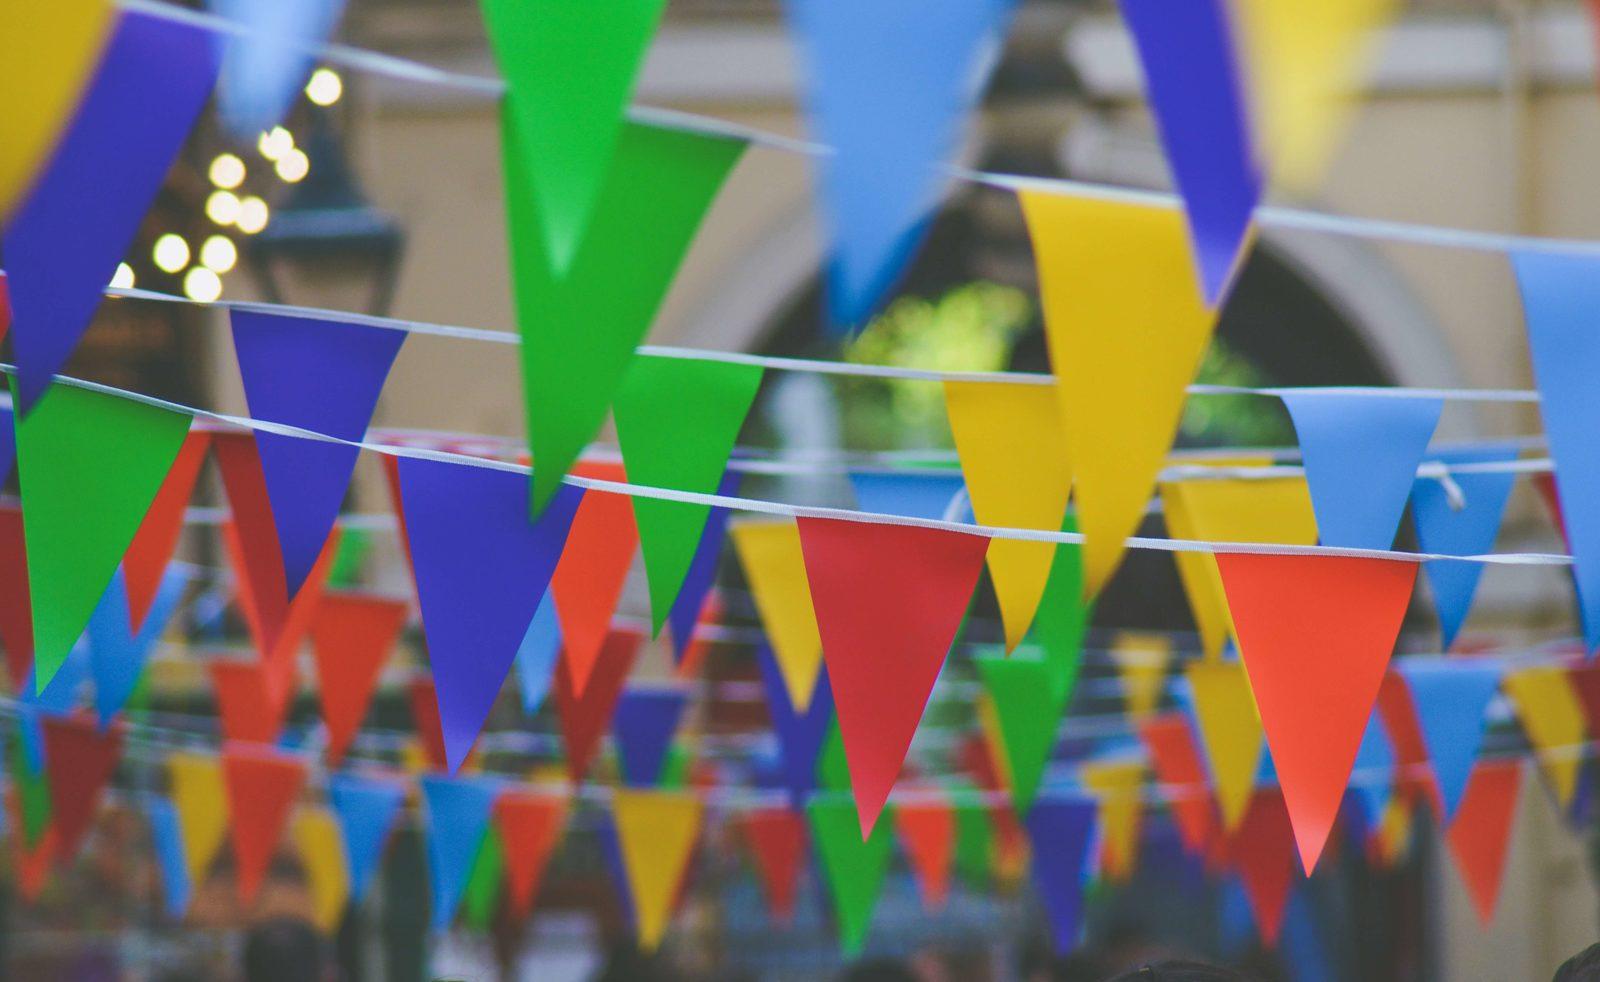 Les jours fériés sur Bonaire sont presque identiques à ceux des Pays-Bas. Bonaire célèbre sa fête, le Dia di Bonaire, et la fête des Antilles. La Maskarada est célébrée le jour du Nouvel An.